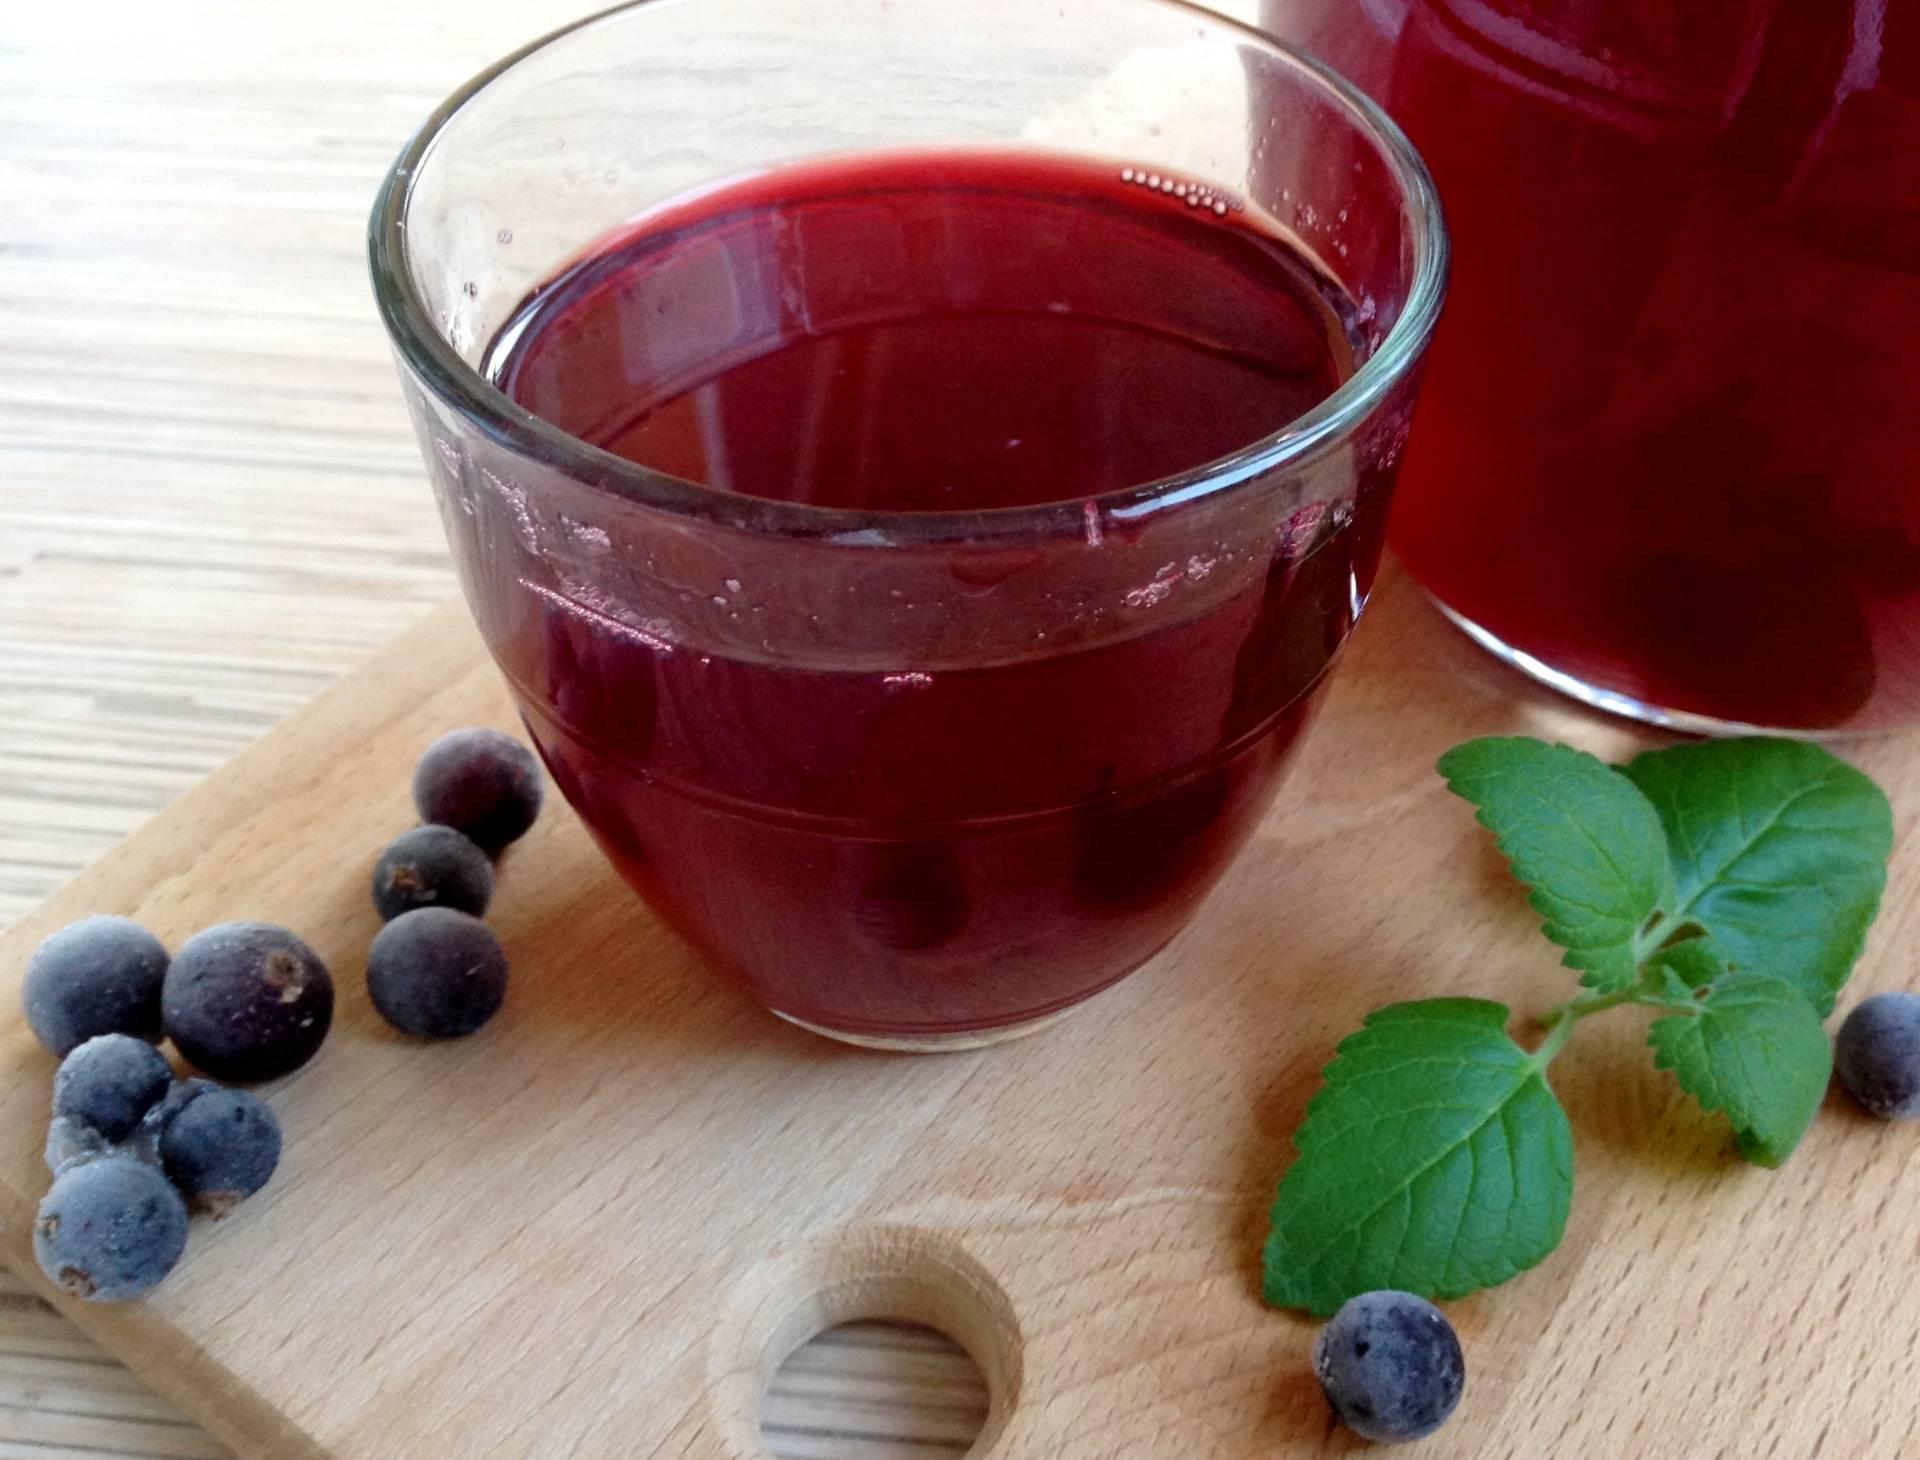 Рецепты киселя из черники – варим из ягоды свежей, замороженной и сушеной